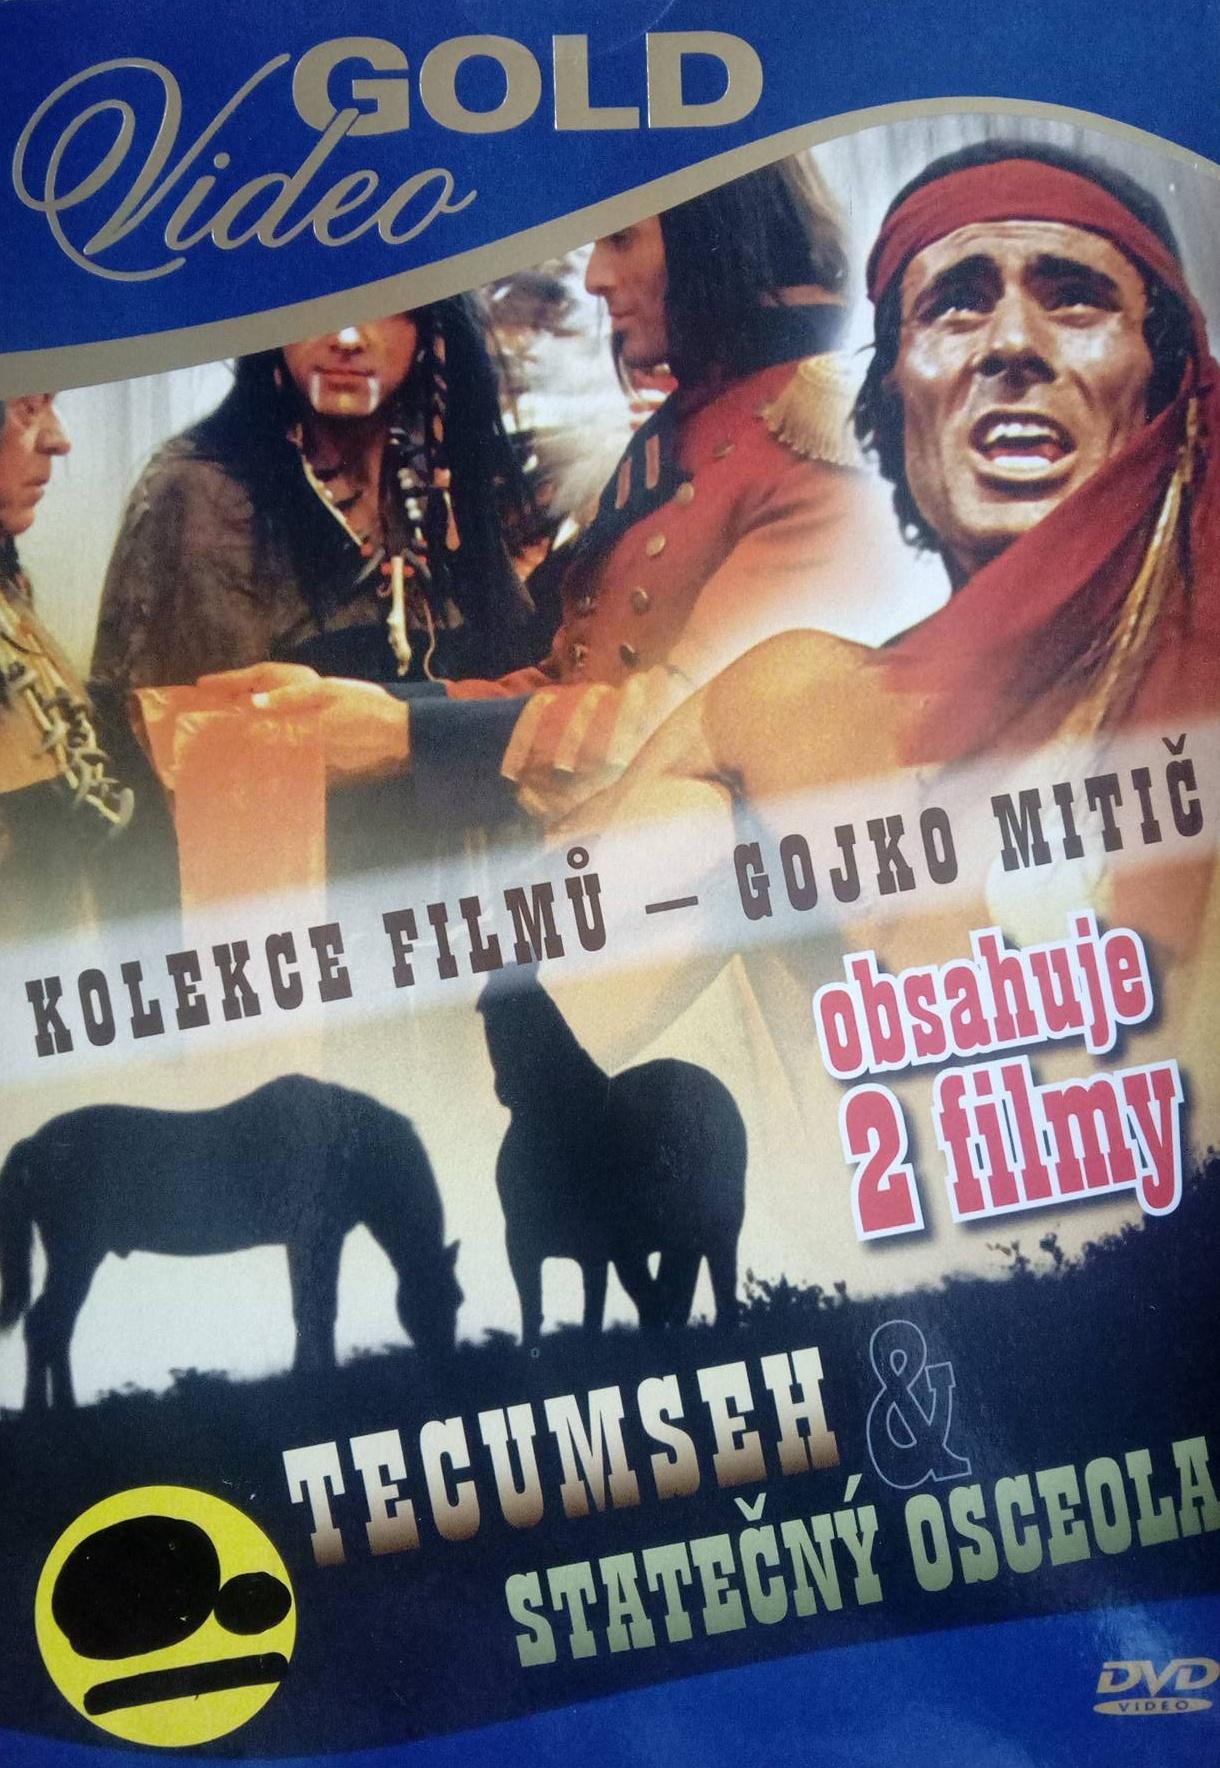 Kolekce filmů Gojko Mitič - Tecumseh & Statečný Osceola -pošetka - DVD